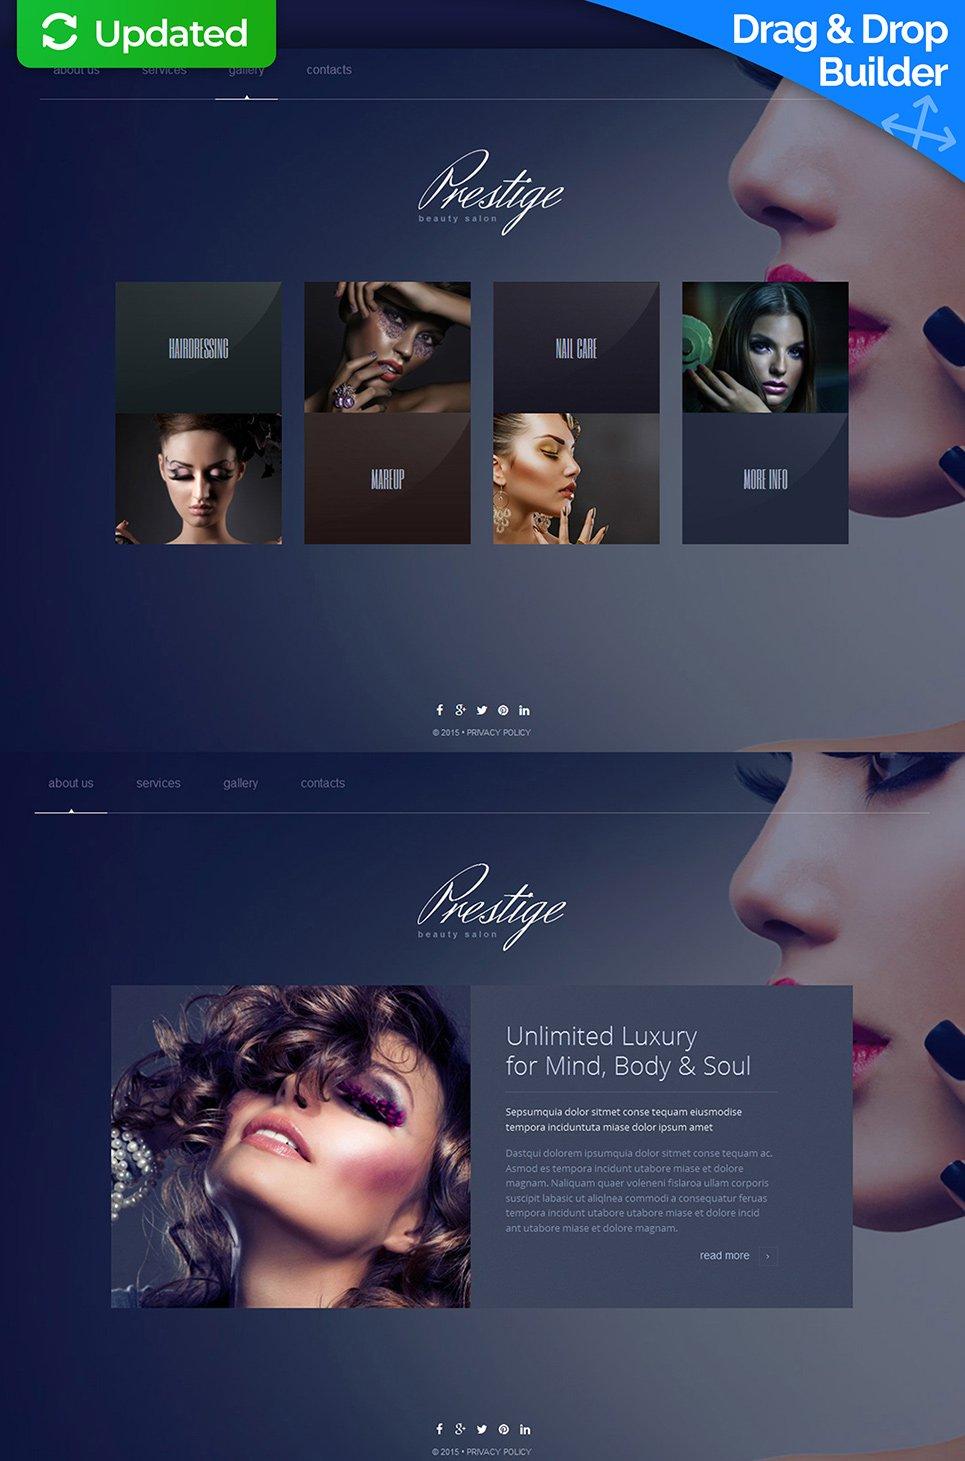 Beauty Salon Website Design - image